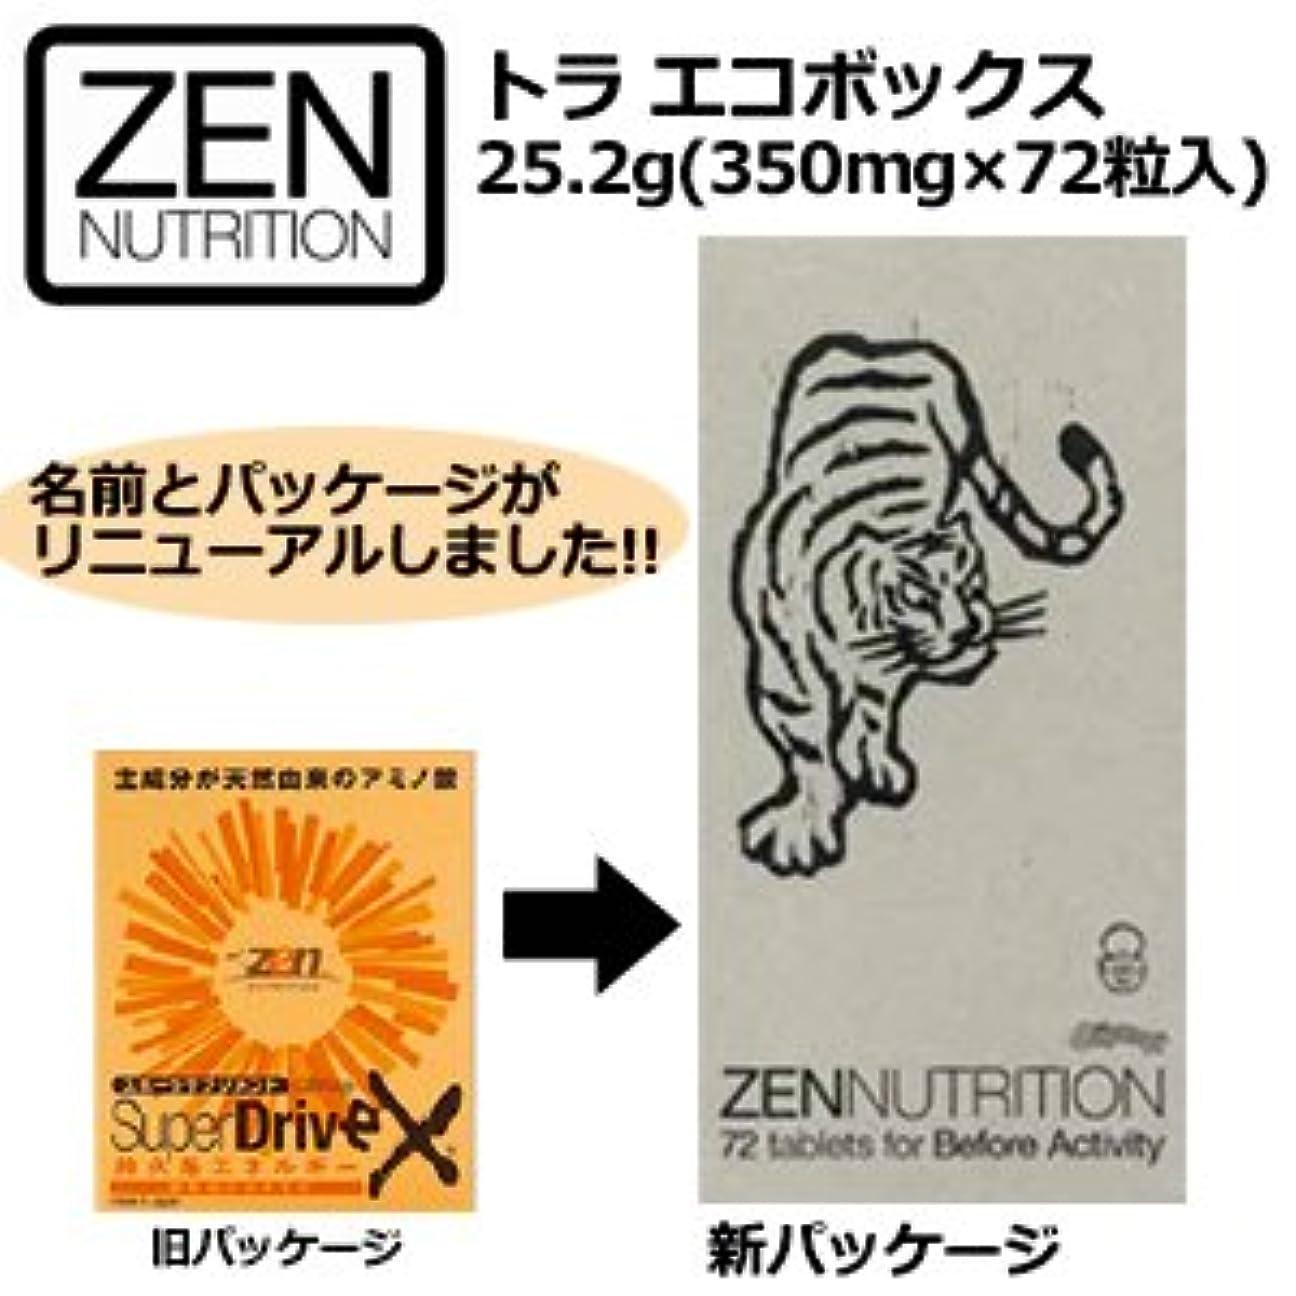 セラーブリーク不公平ZEN ゼン SUPER DRIVE スーパードライブEX 虎 とら サプリメント アミノ酸●トラ エコボックス 25.2g